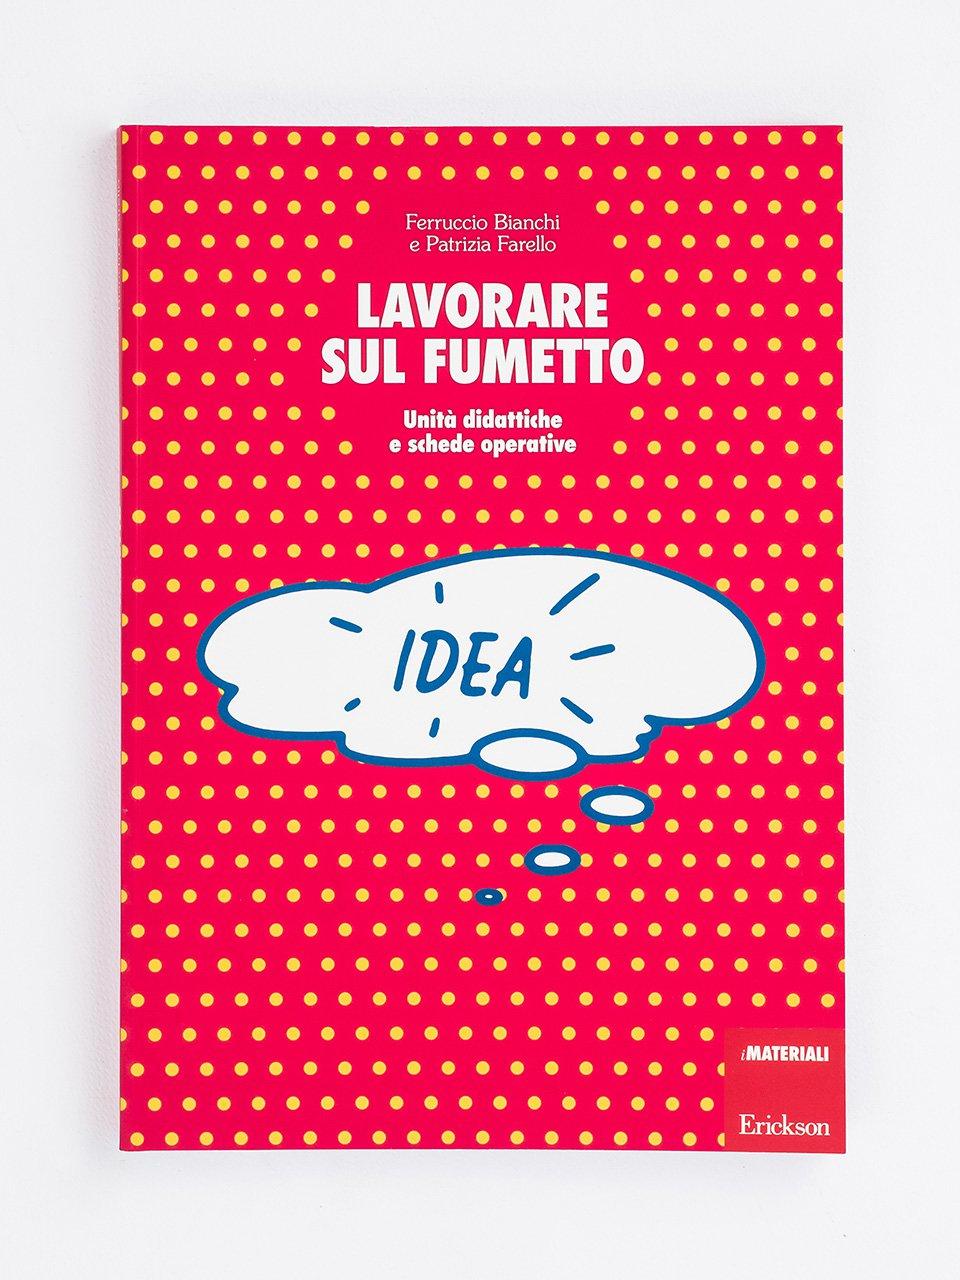 Lavorare sul fumetto - Creatività con carta, cartone e plastica - Libri - Erickson